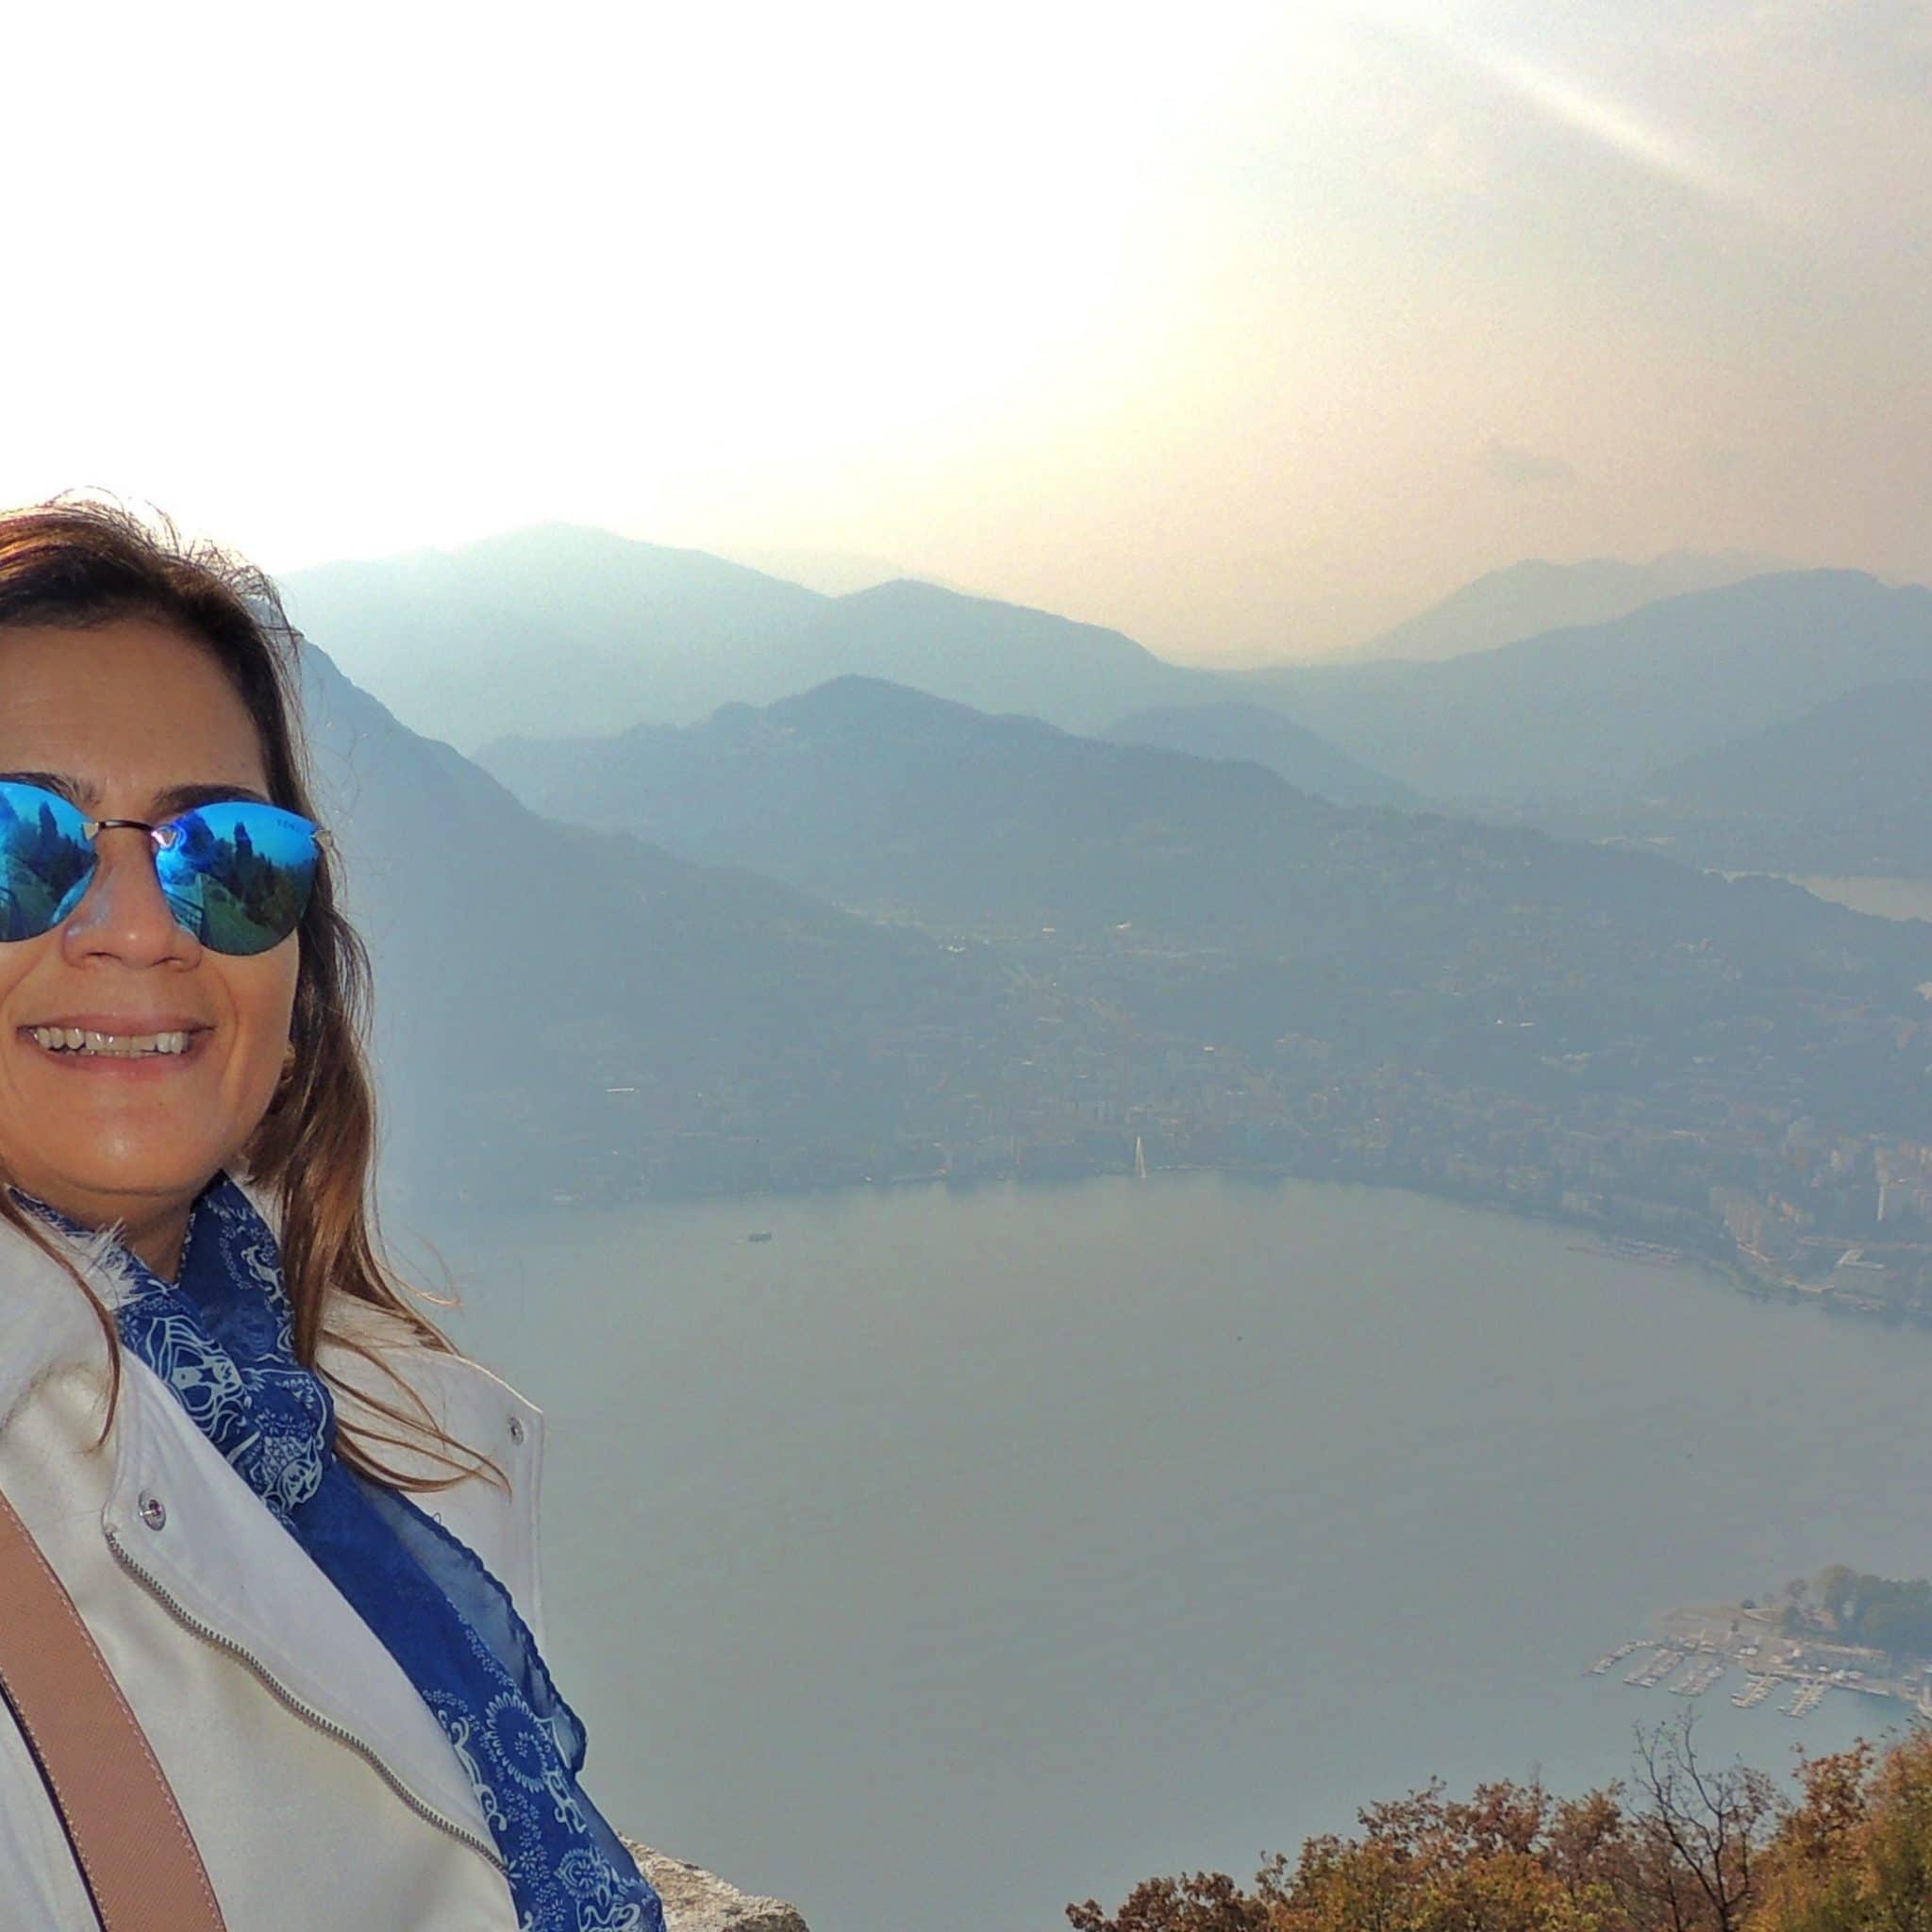 Vista Panorâmica do Monte Brè Lugano